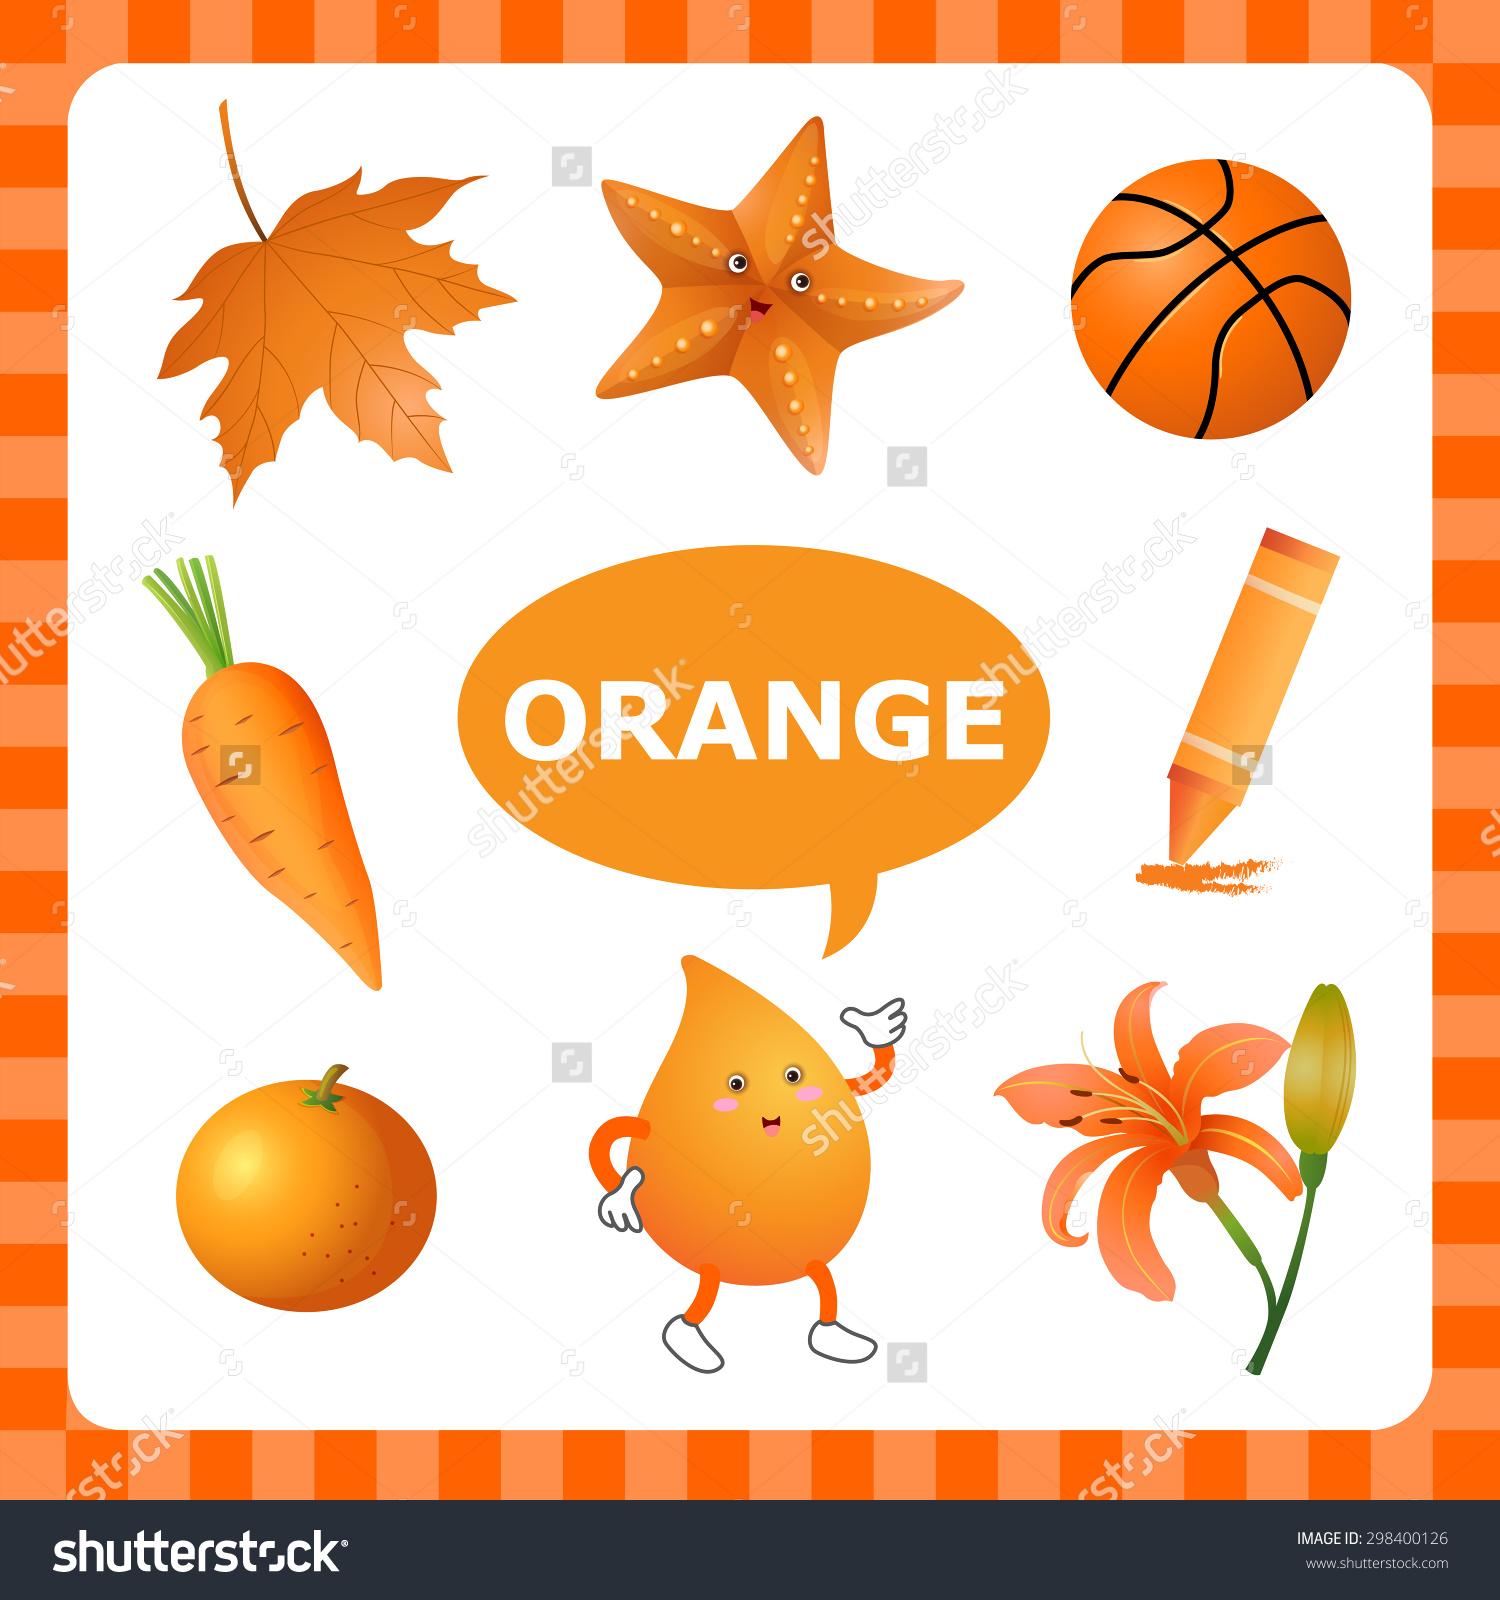 Free Photo Orange Objects